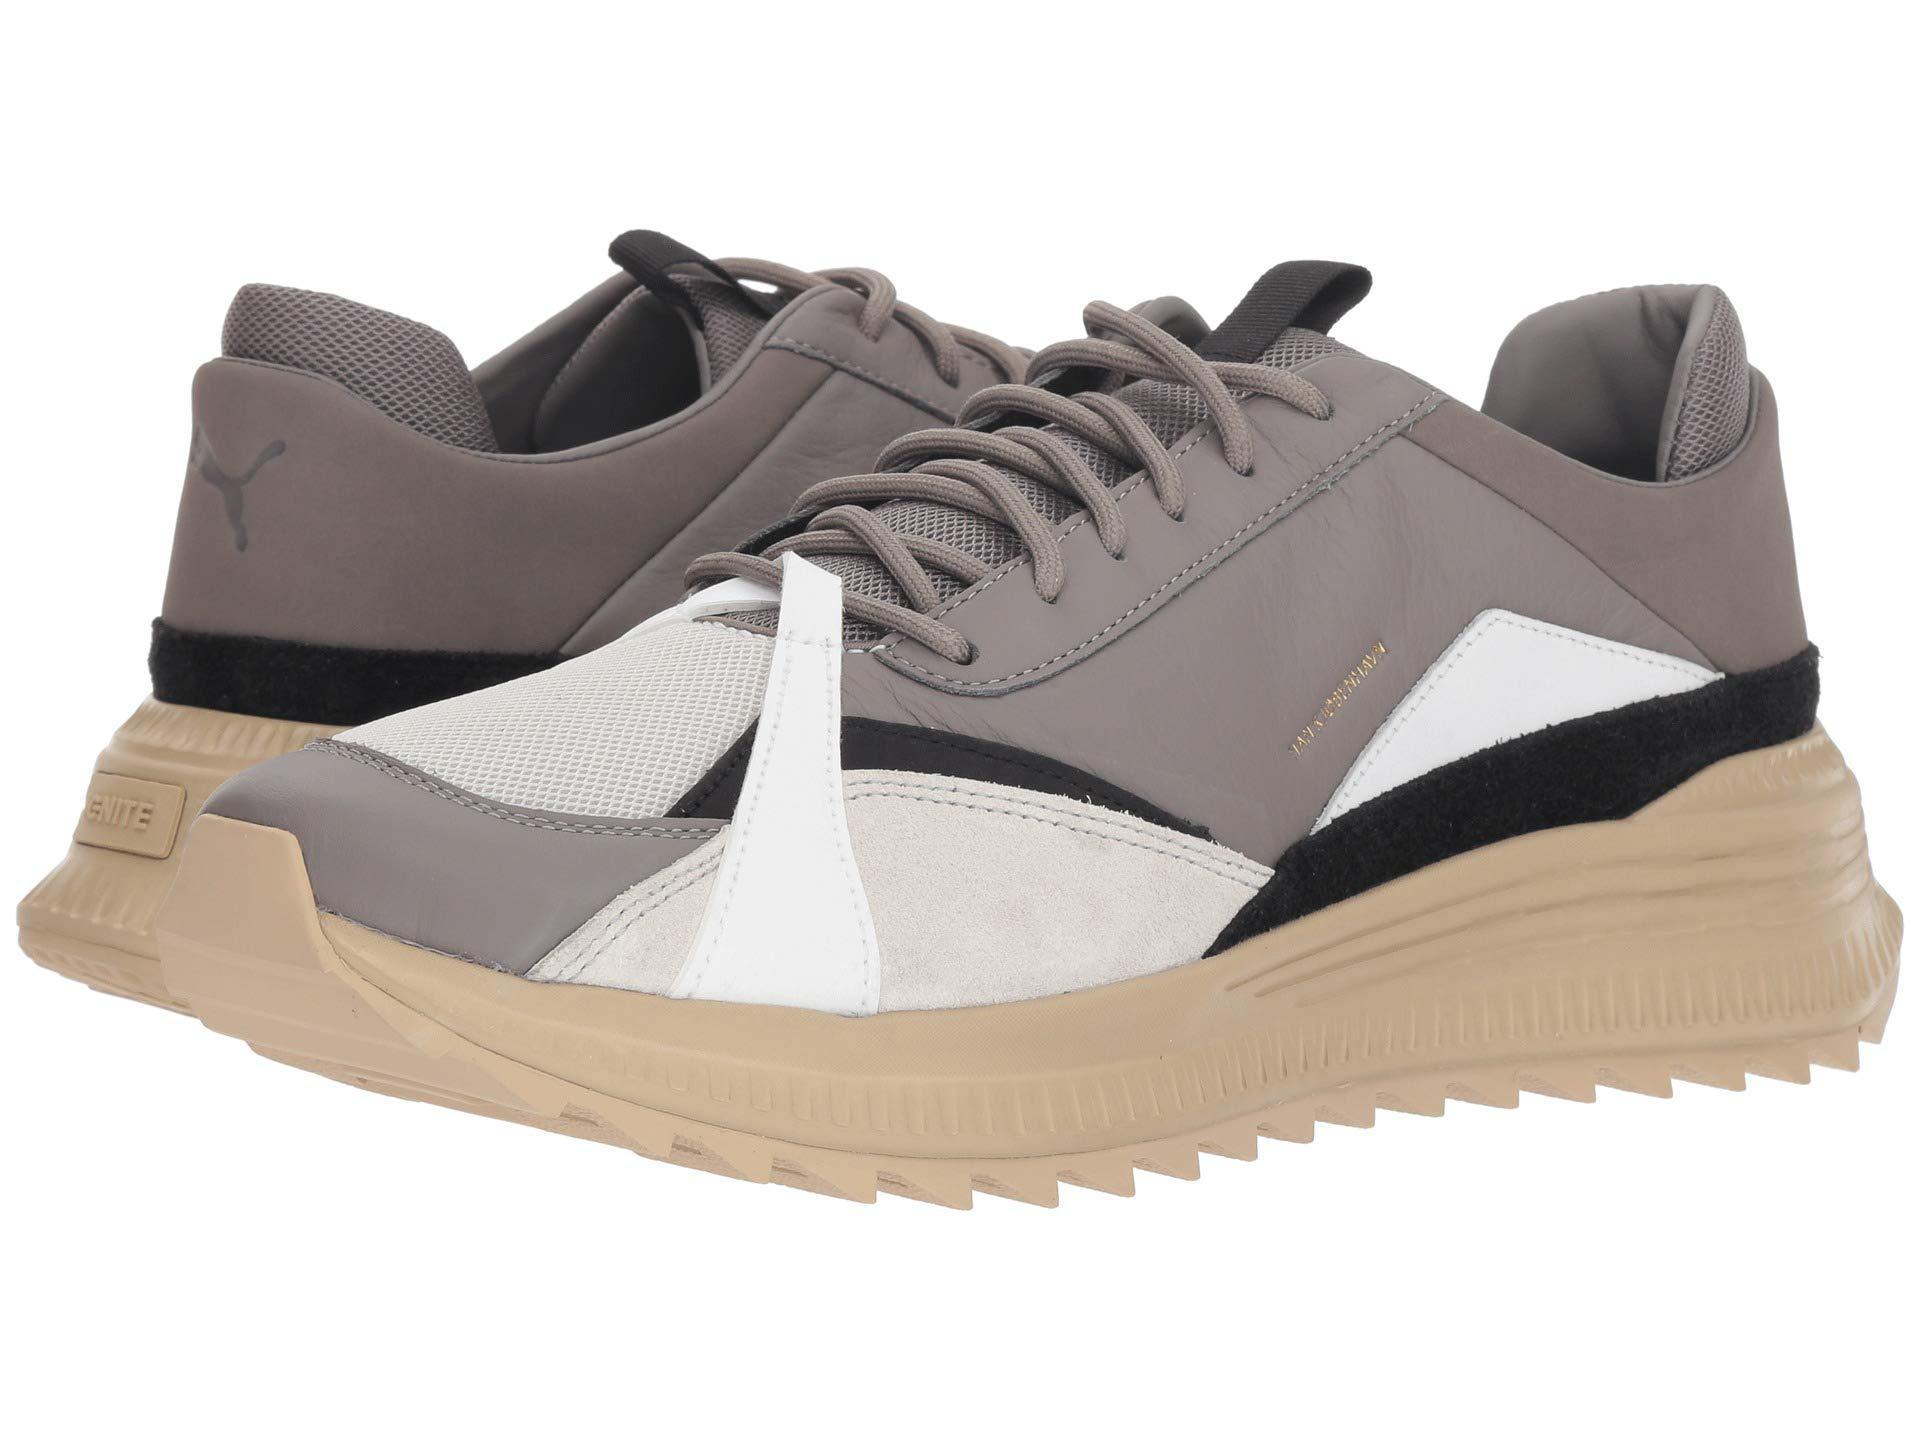 4895ec89d834fd Lyst - PUMA X Han Kjobenhavn Tsugi Avid Sneaker (steel Gray safari ...